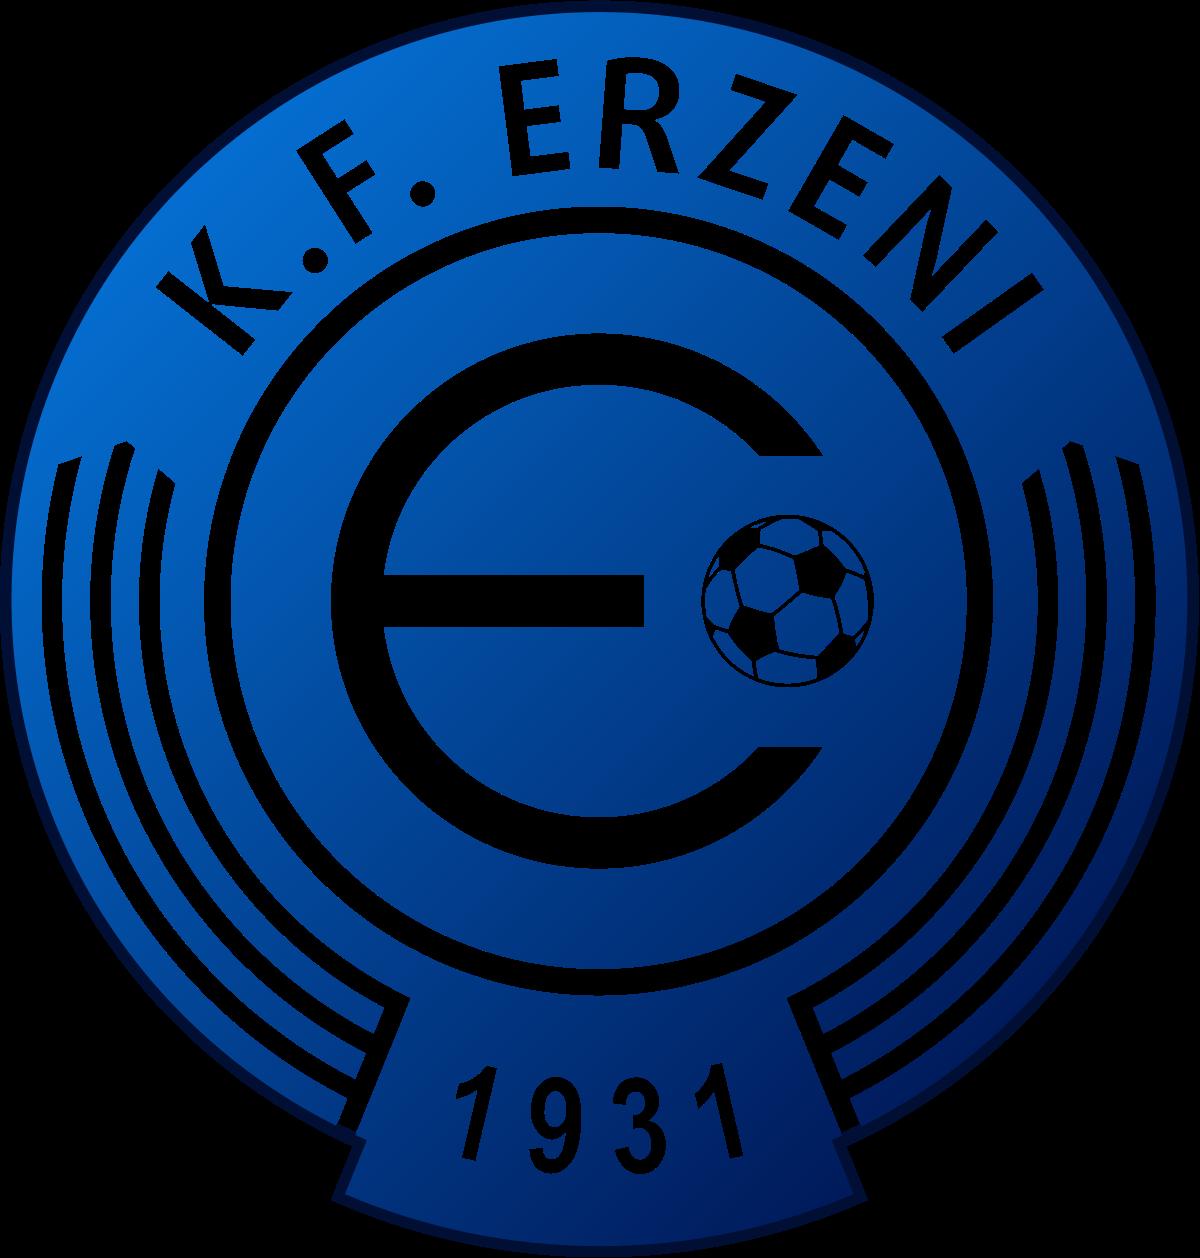 Erzeni logo